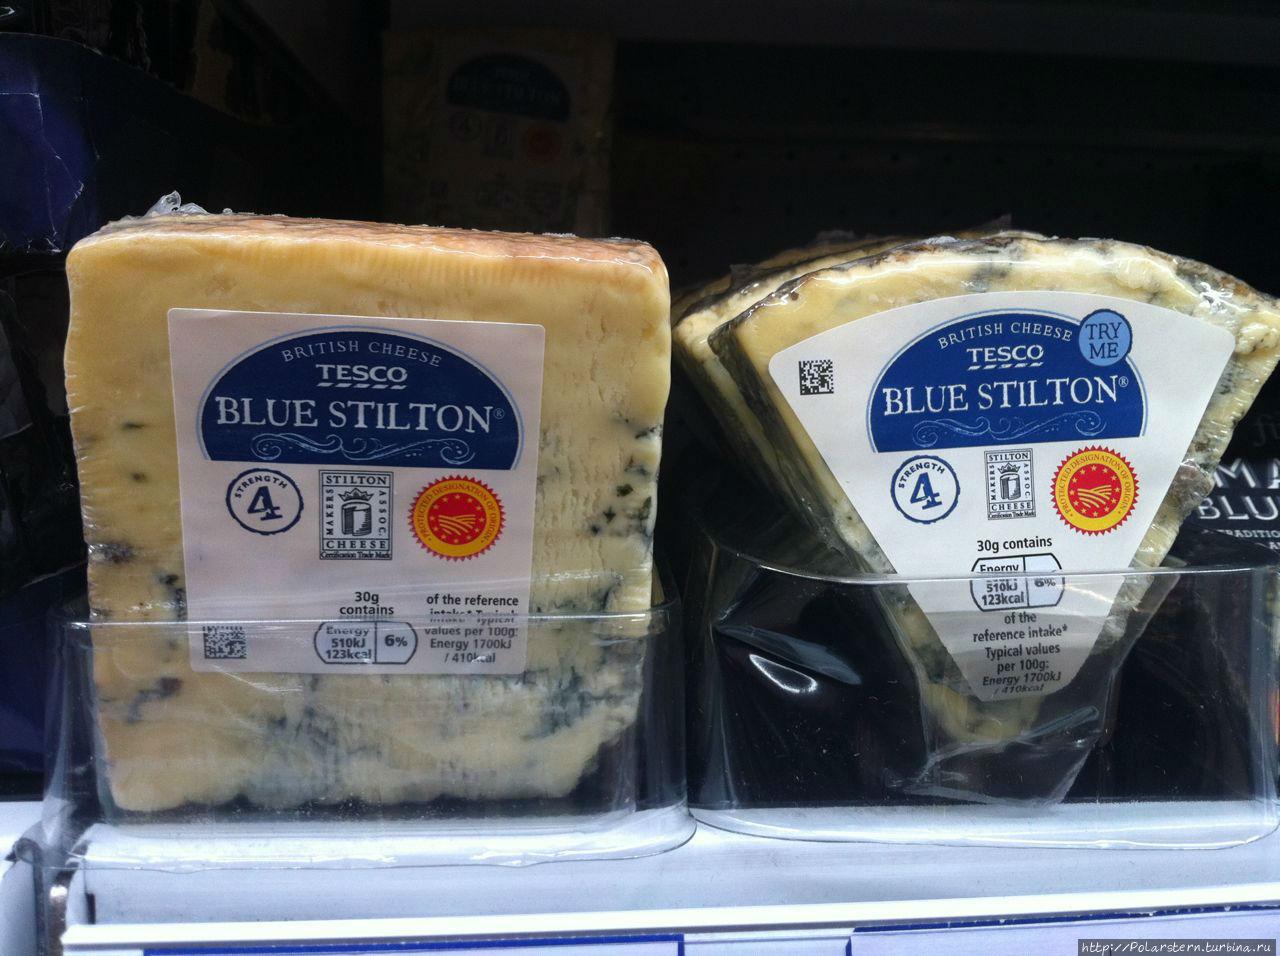 Голубой сыр Стилтон производится только в графствах Дербишир, Лестершир и Ноттингемшир